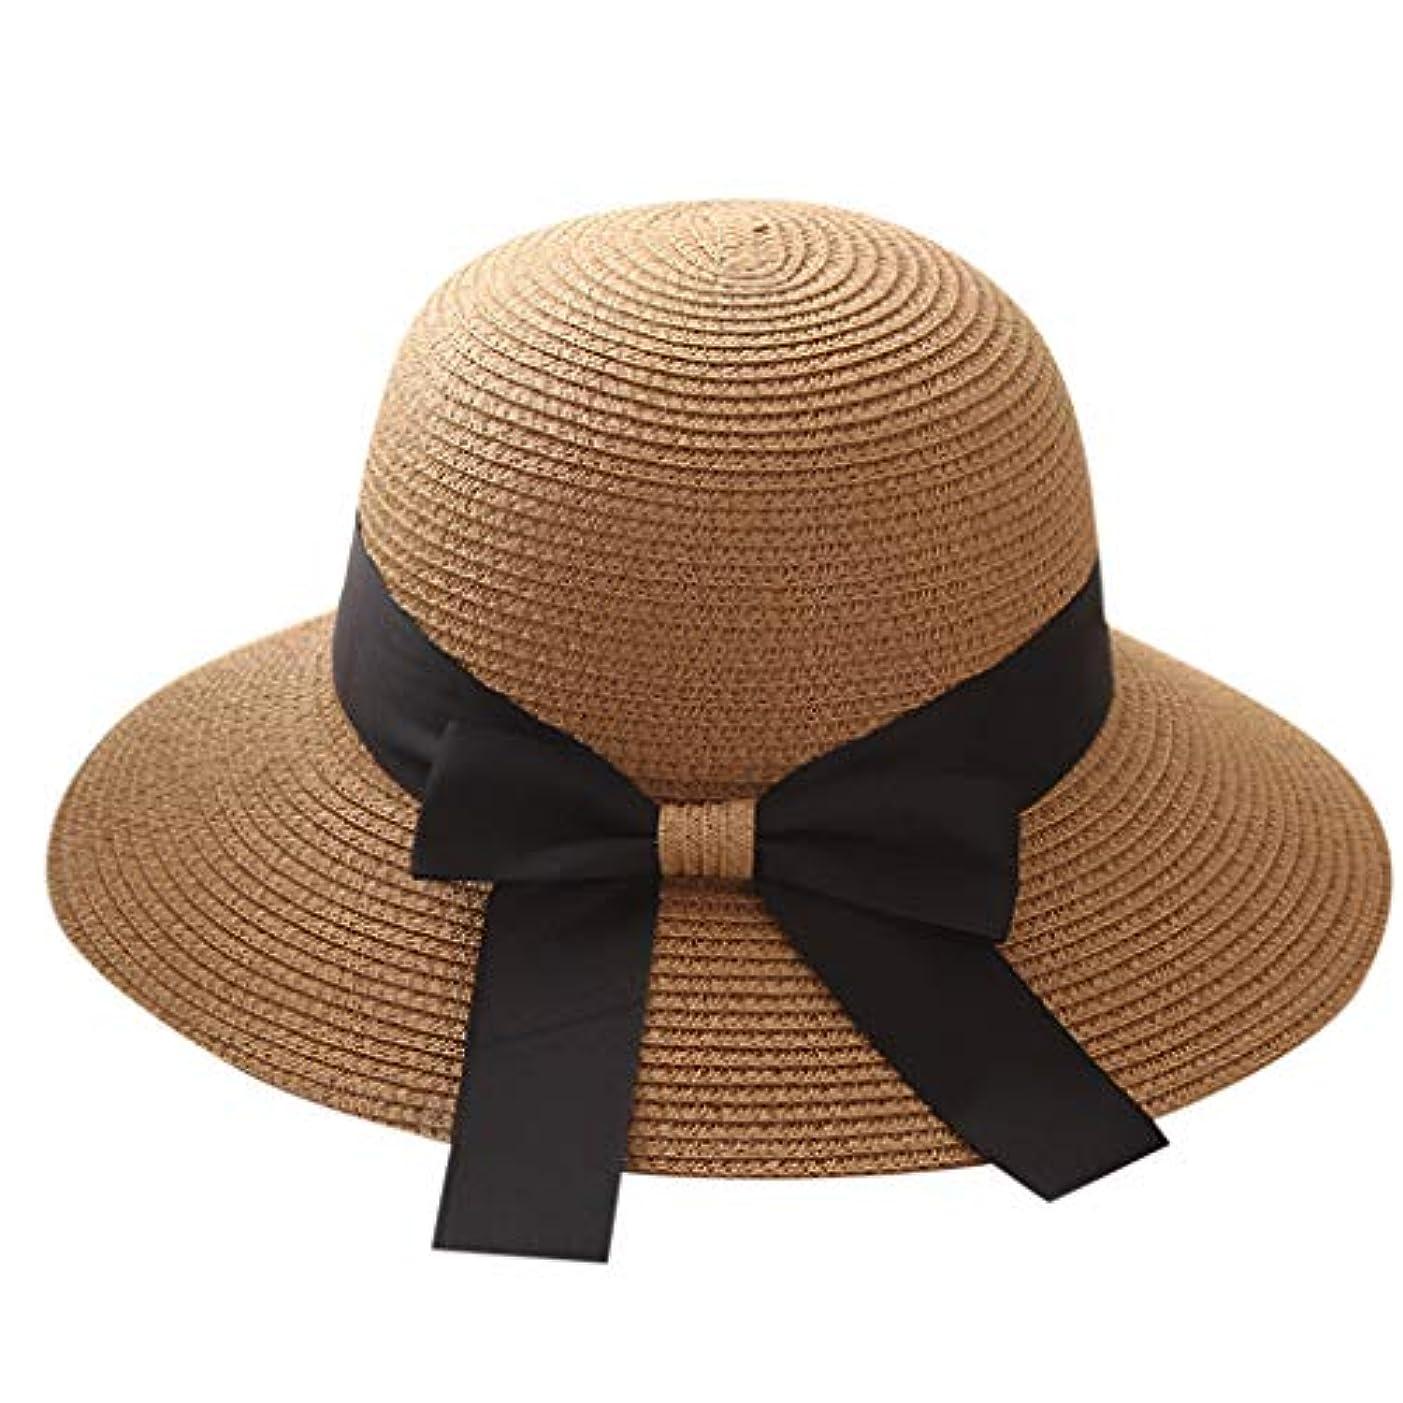 暴力対応ひらめき帽子 レディース UVカット 漁師帽 99%uvカット 日よけ 日焼け防止 熱中症予防 折りたたみ つば広 紫外線対策 麦わら帽子 uv帽 小顔効果 おしゃれ 可愛い 女優帽 高級感 軽量 通気 旅行用 大きいサイズ ROSE...